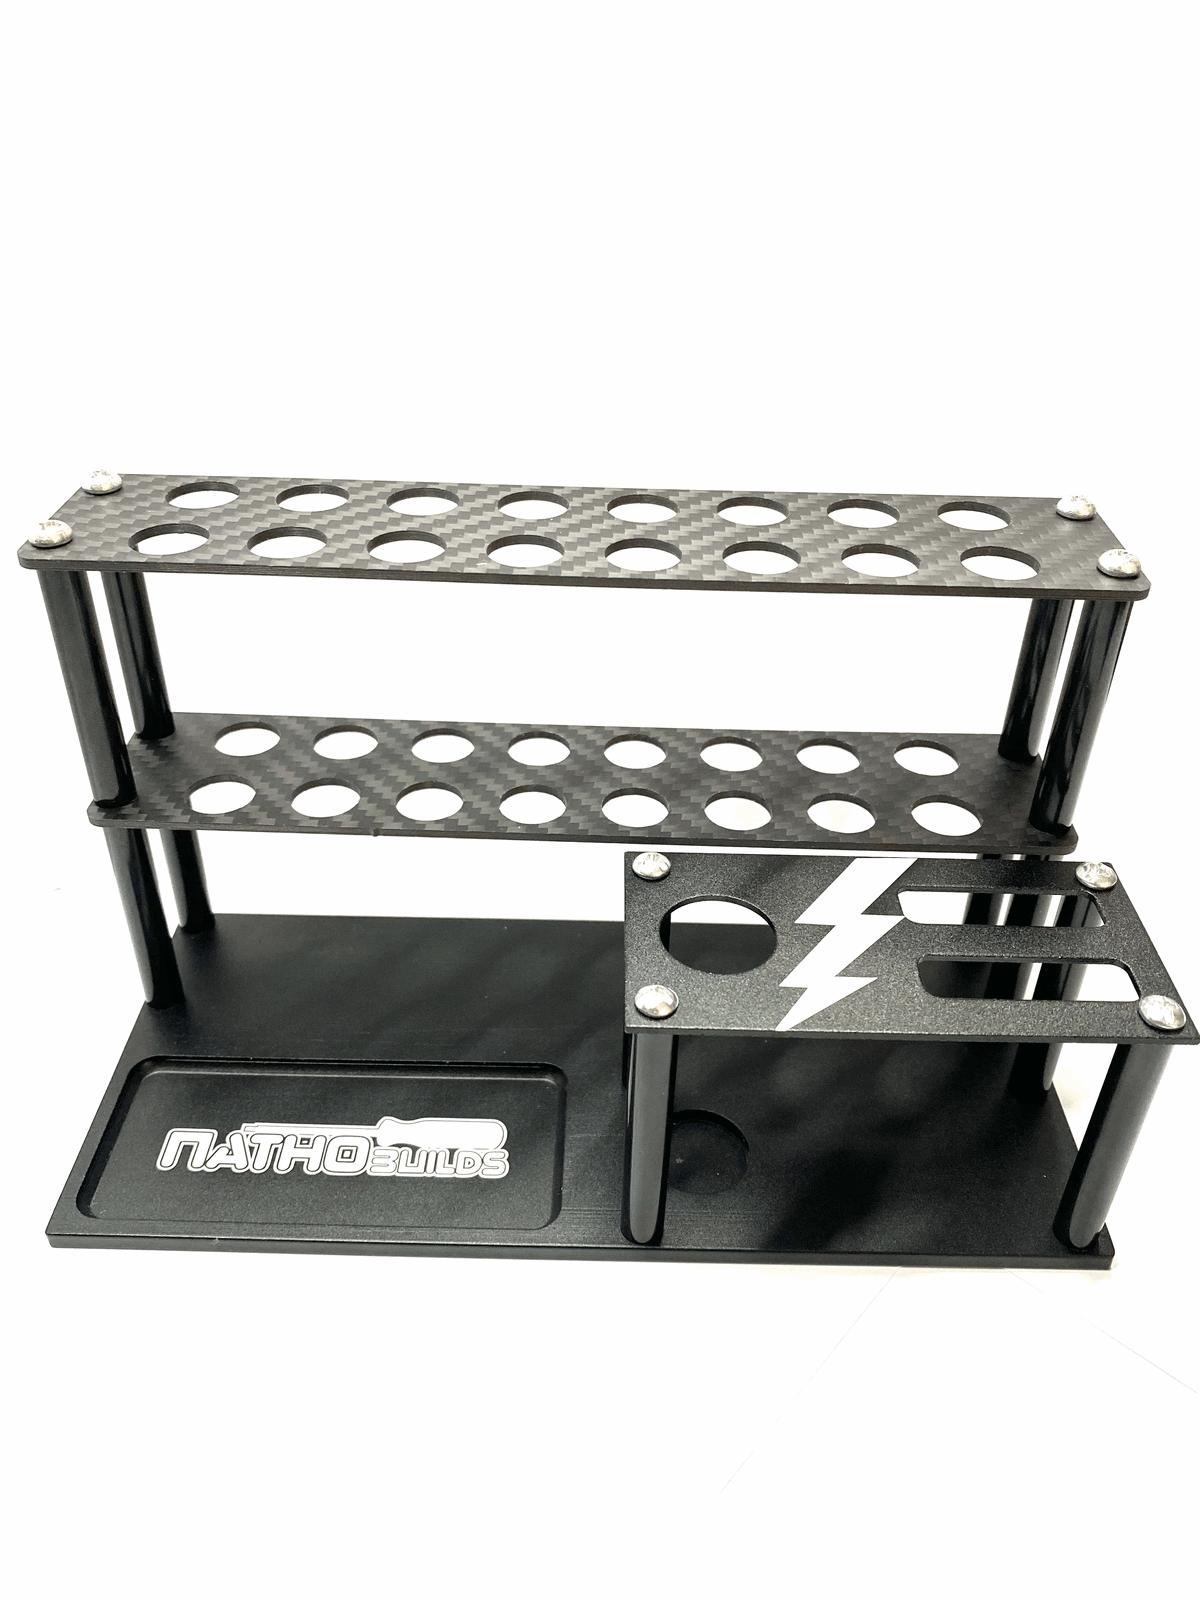 NathoBuilds Aluminium/Carbon Tool Stand